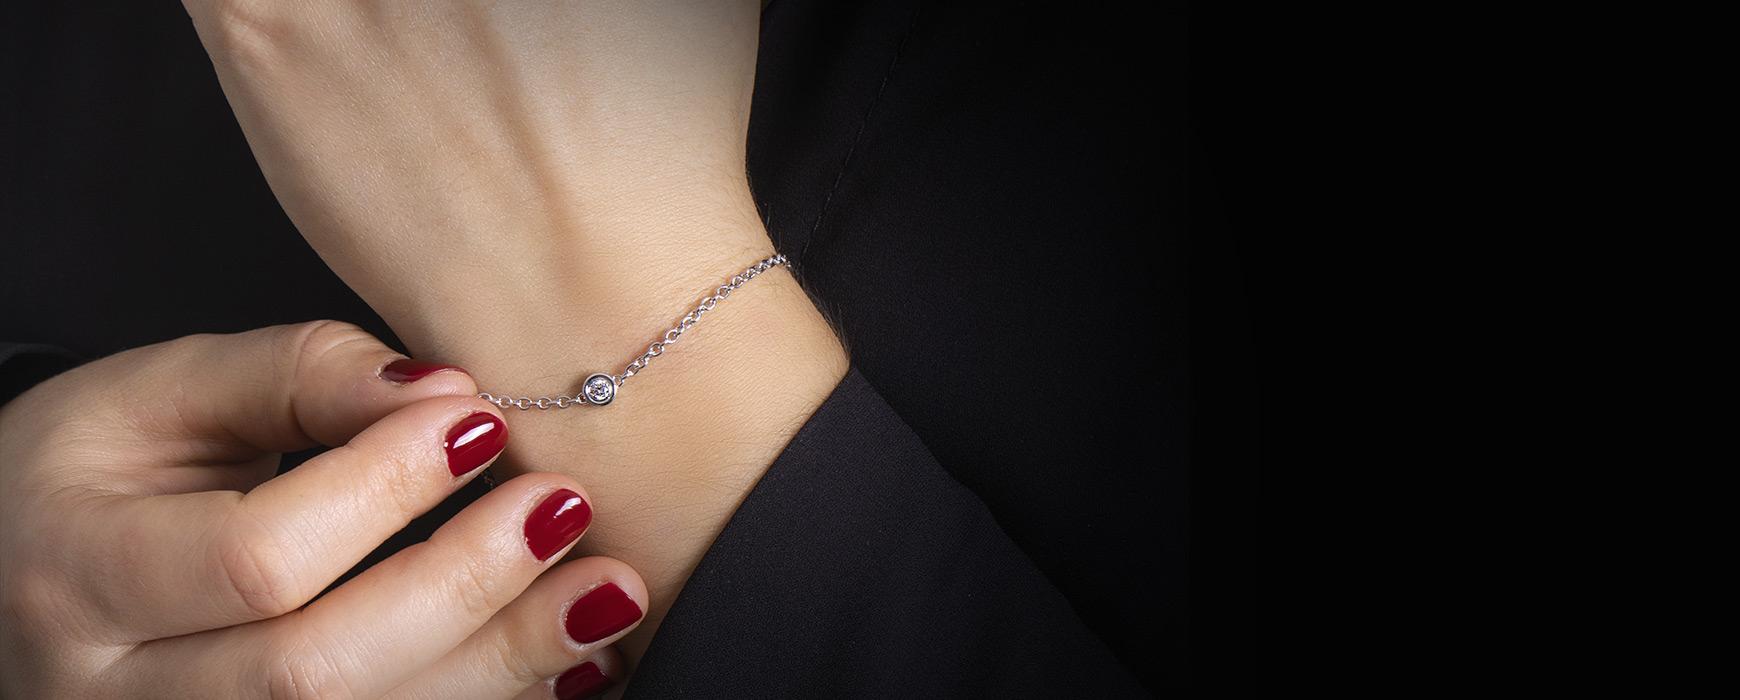 Bracelets Bracelets